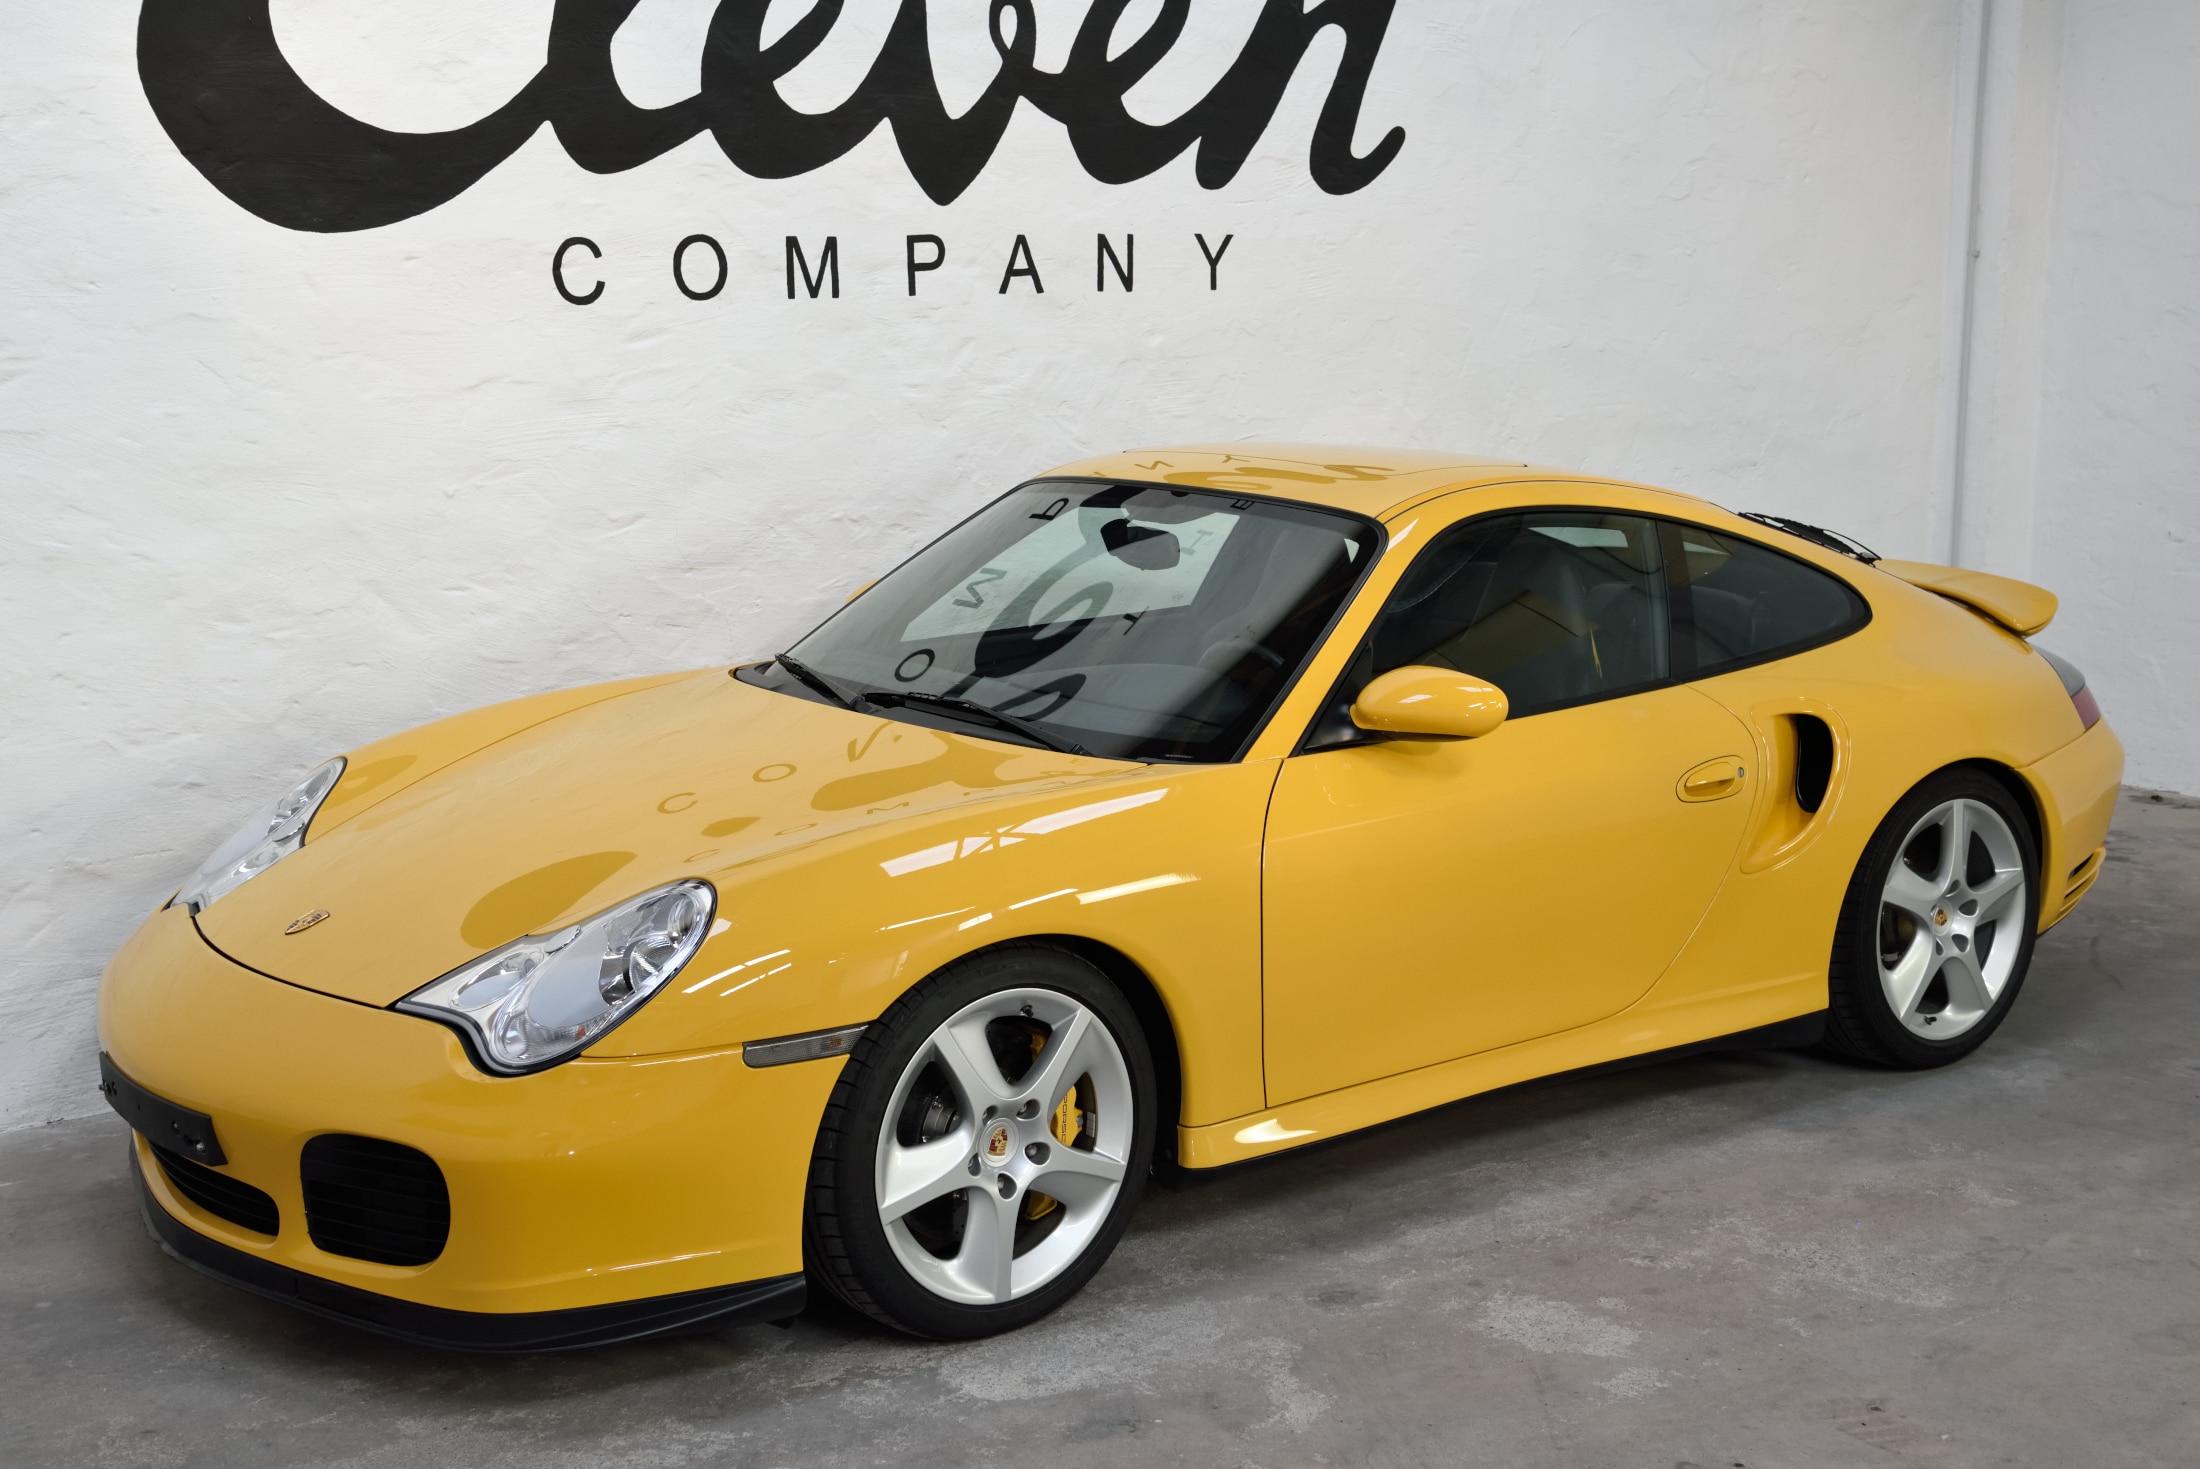 Porsche 996 Turbo WLS X50